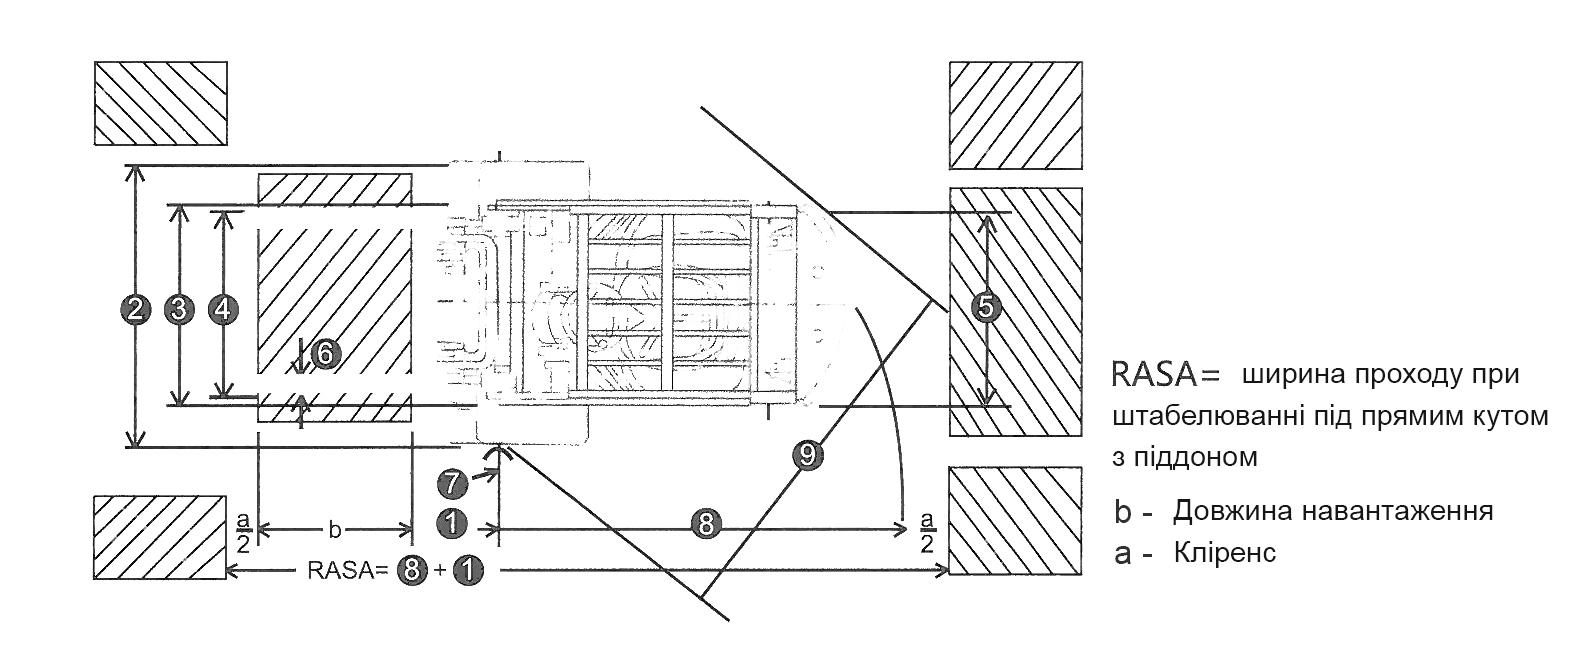 Креслення вилочного навантажувача TEREN FD25T | Чертеж вылочного погрузчика TEREN FD25